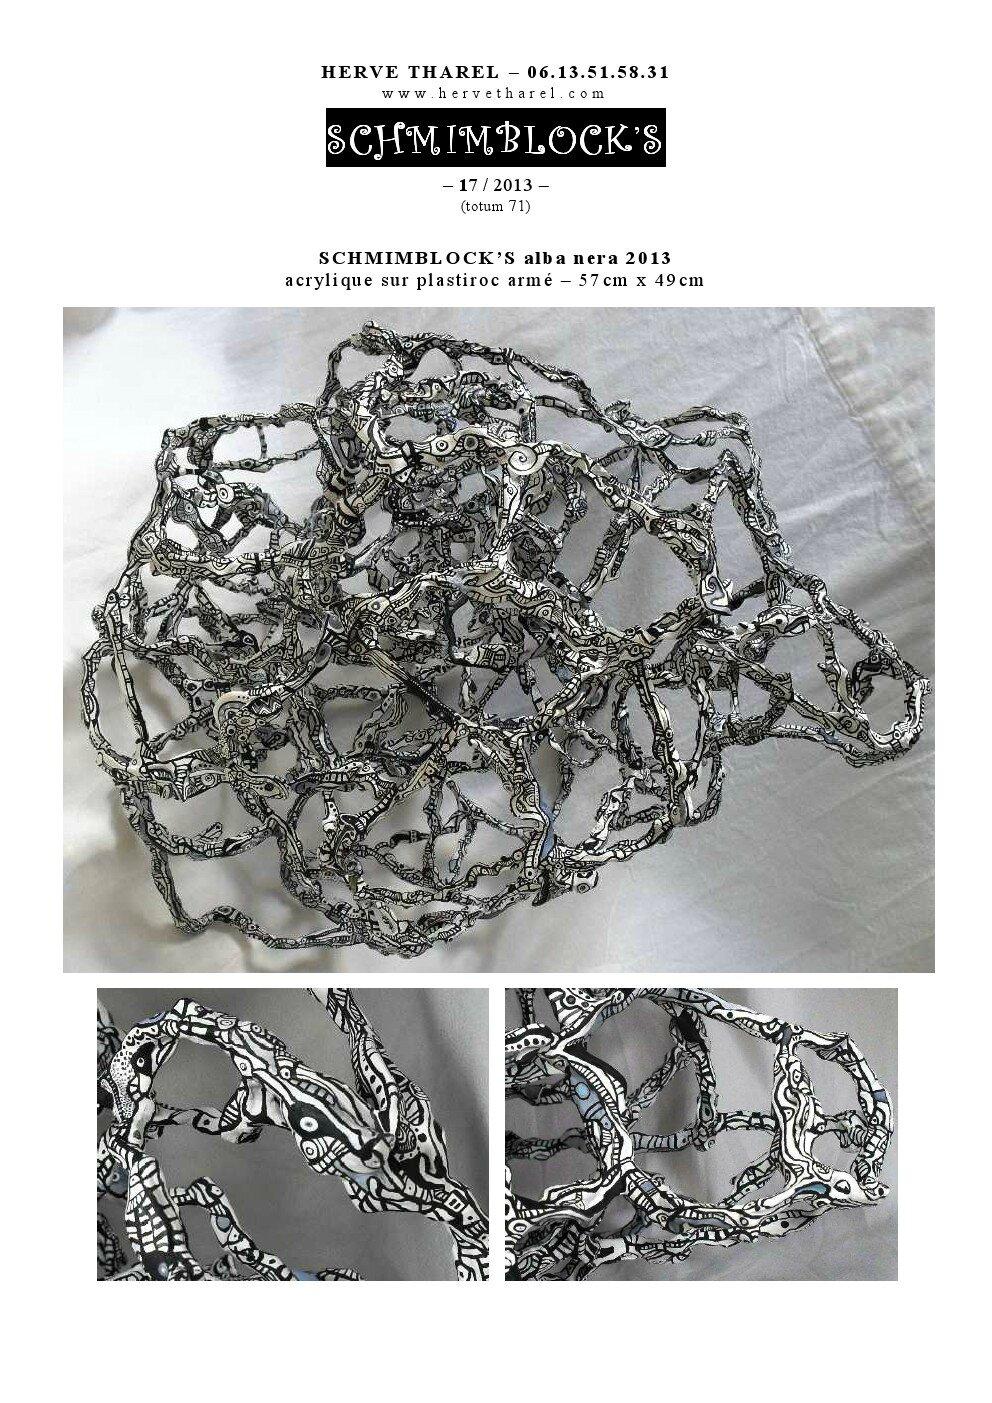 page 17 2013-TOTUM 71 SCHMIMBLOCK'S alba nera 57cm x 49cm acrylique sur plastiroc armé